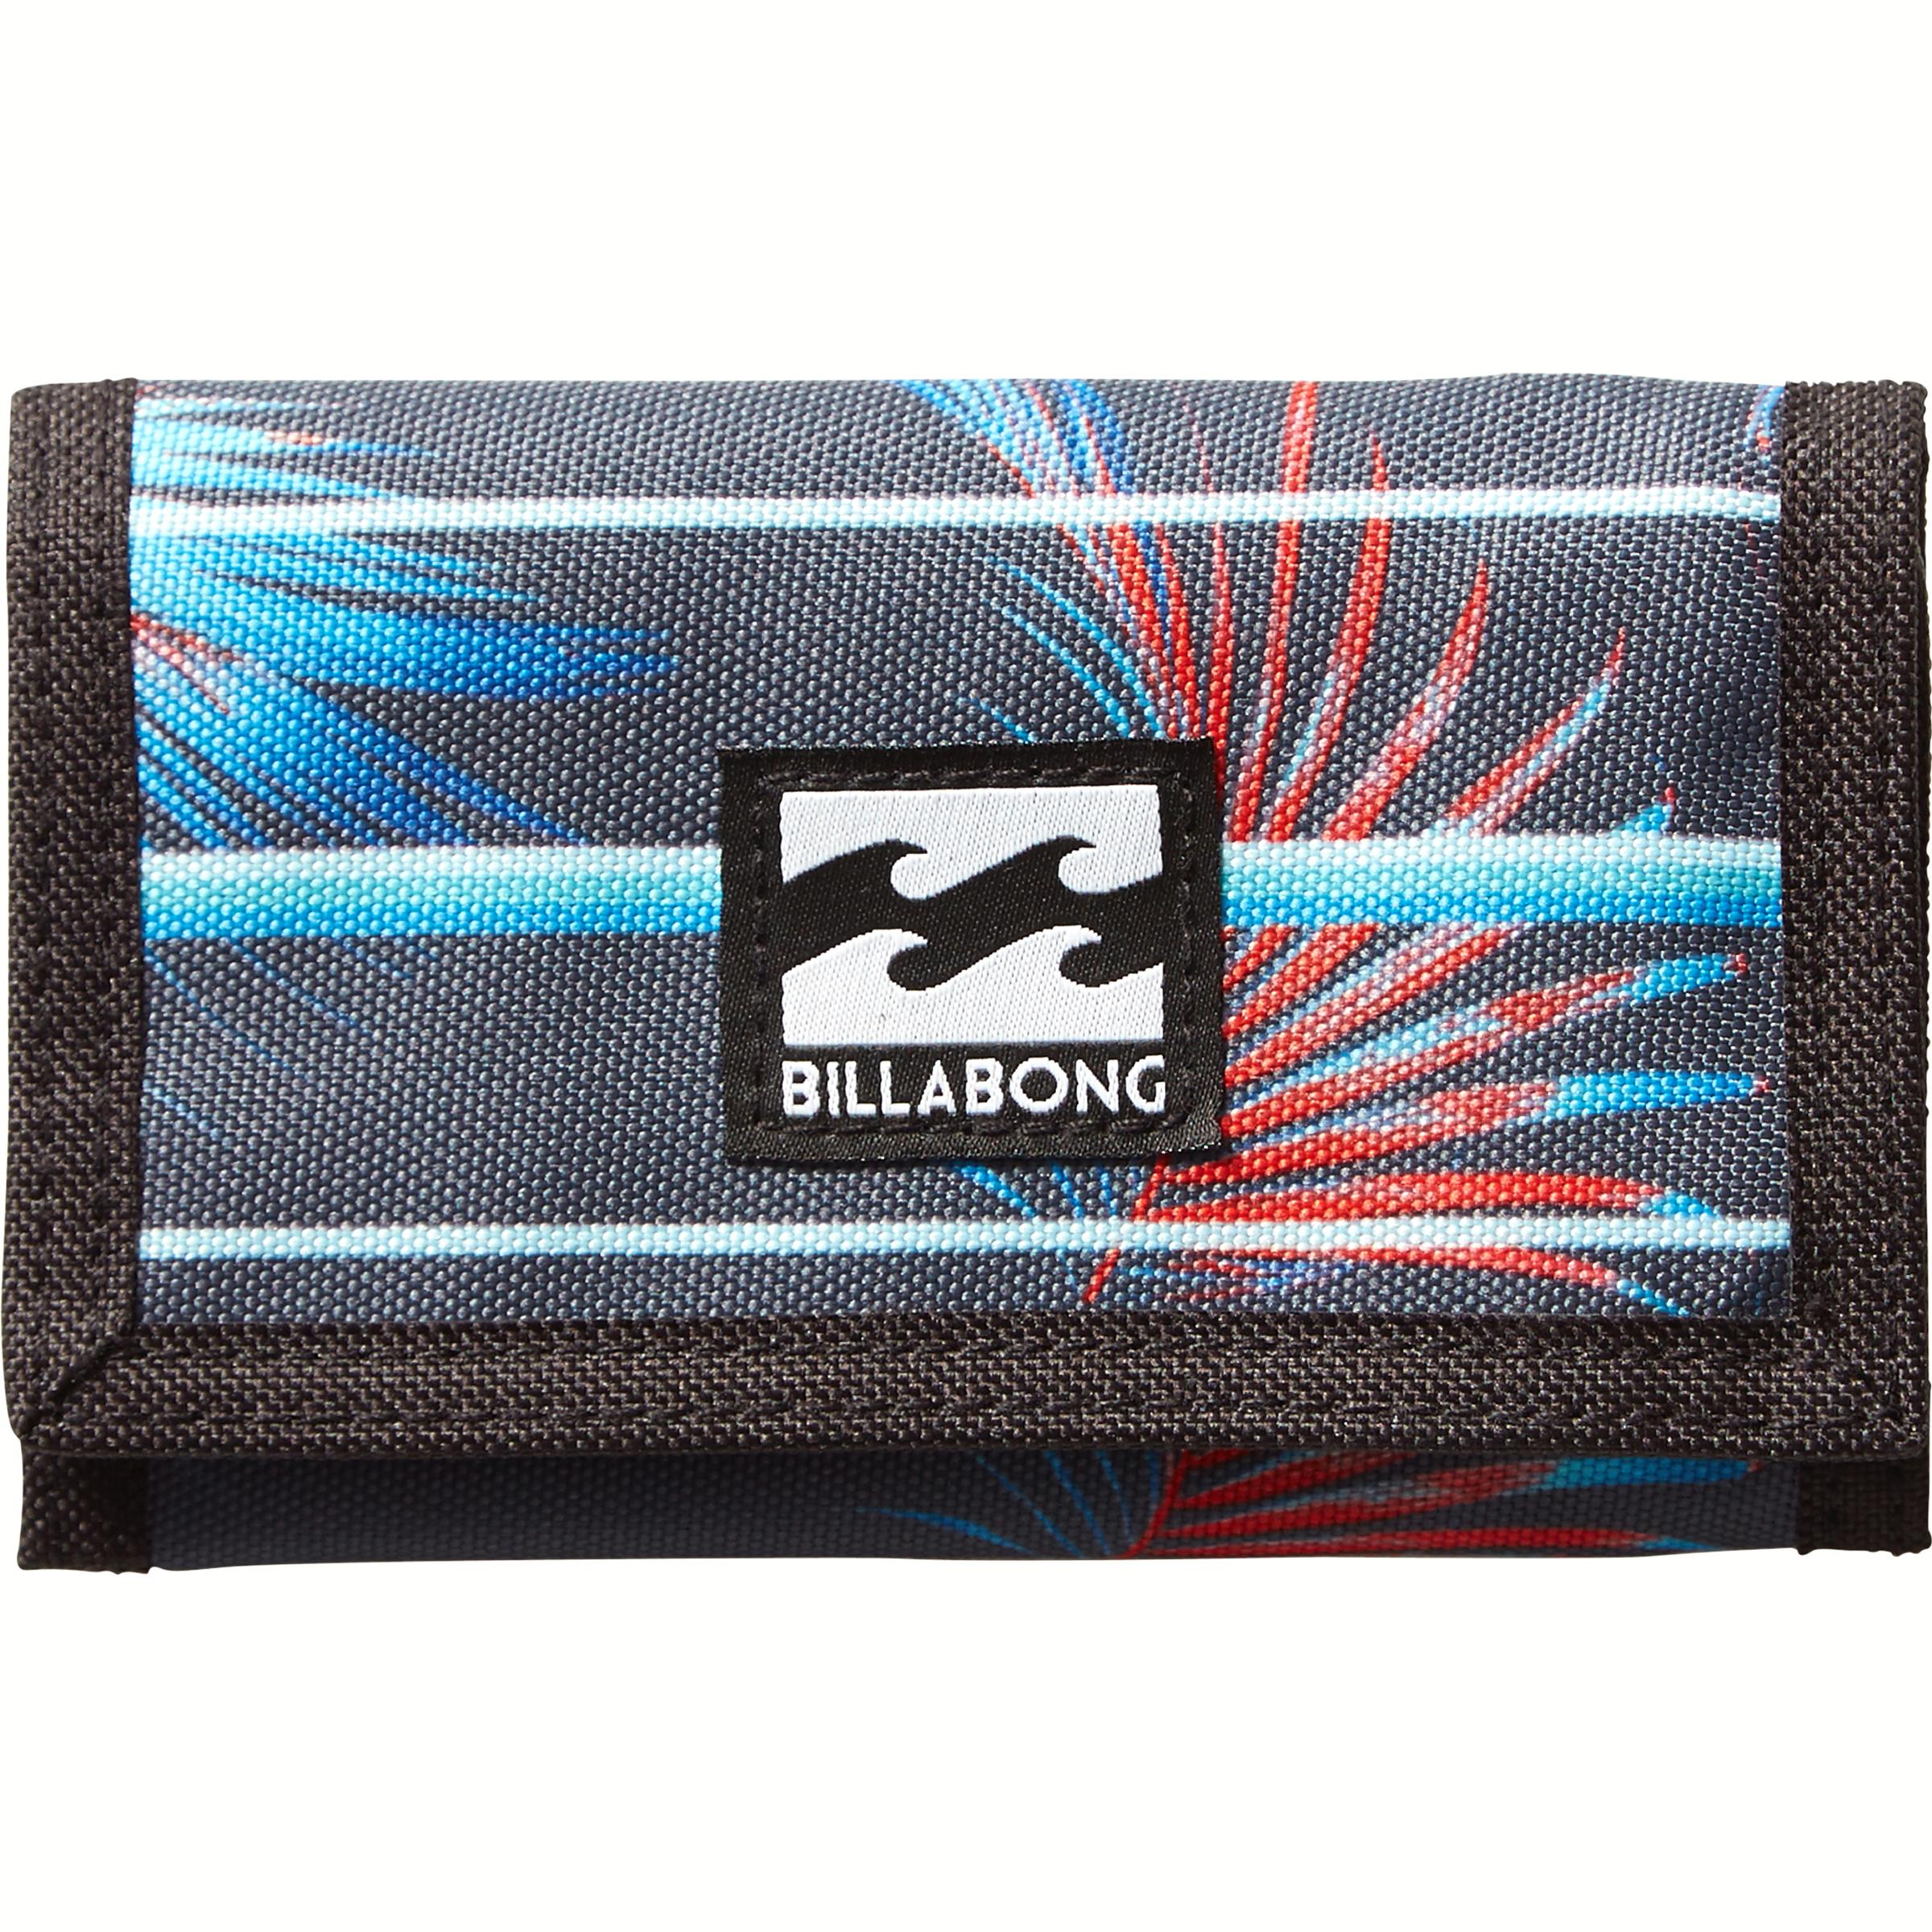 Кошелек Billabong Atom Wallet, цвет: черный, красный, голубой. 360786936947677-080-06Классический тряпичный кошелек на липучке Billabong Atom Wallet изготовлен из полиэстера.Кошелек имеет трех-секционный дизайн, оснащен отделением для купюр и карманом для мелочи, а также слотами для карт.Длина кошелька: 13 см.Ширина кошелька: 8 см.